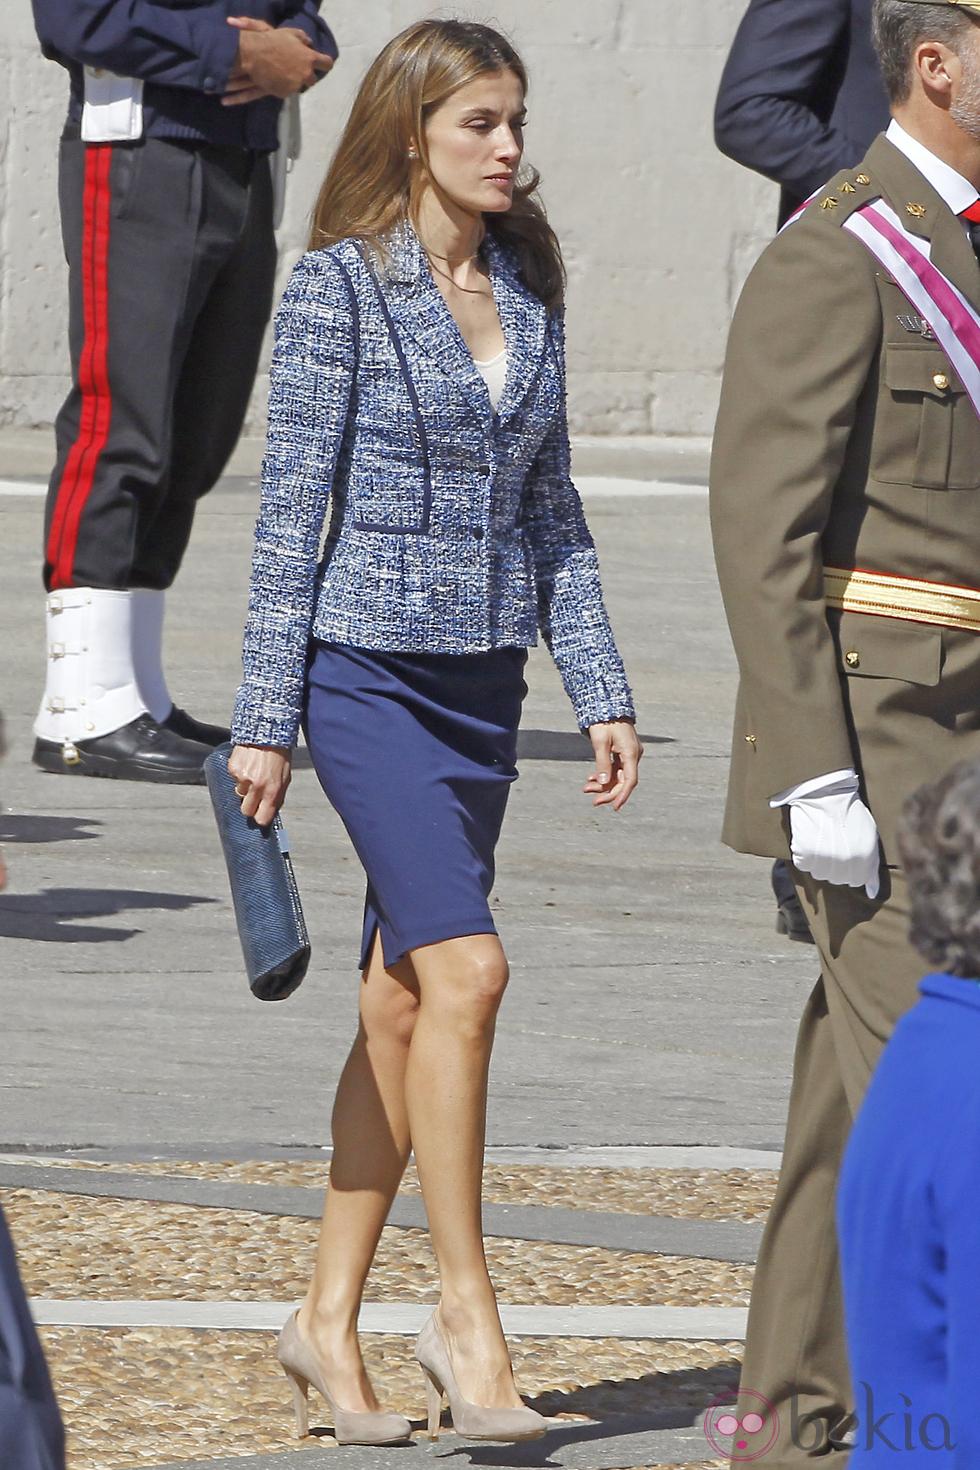 La princesse Letizia portait une jupe droite bleue, une veste de style  Chanel avec ses escarpins Magrit et une pochette Mango. 60fb47303a14